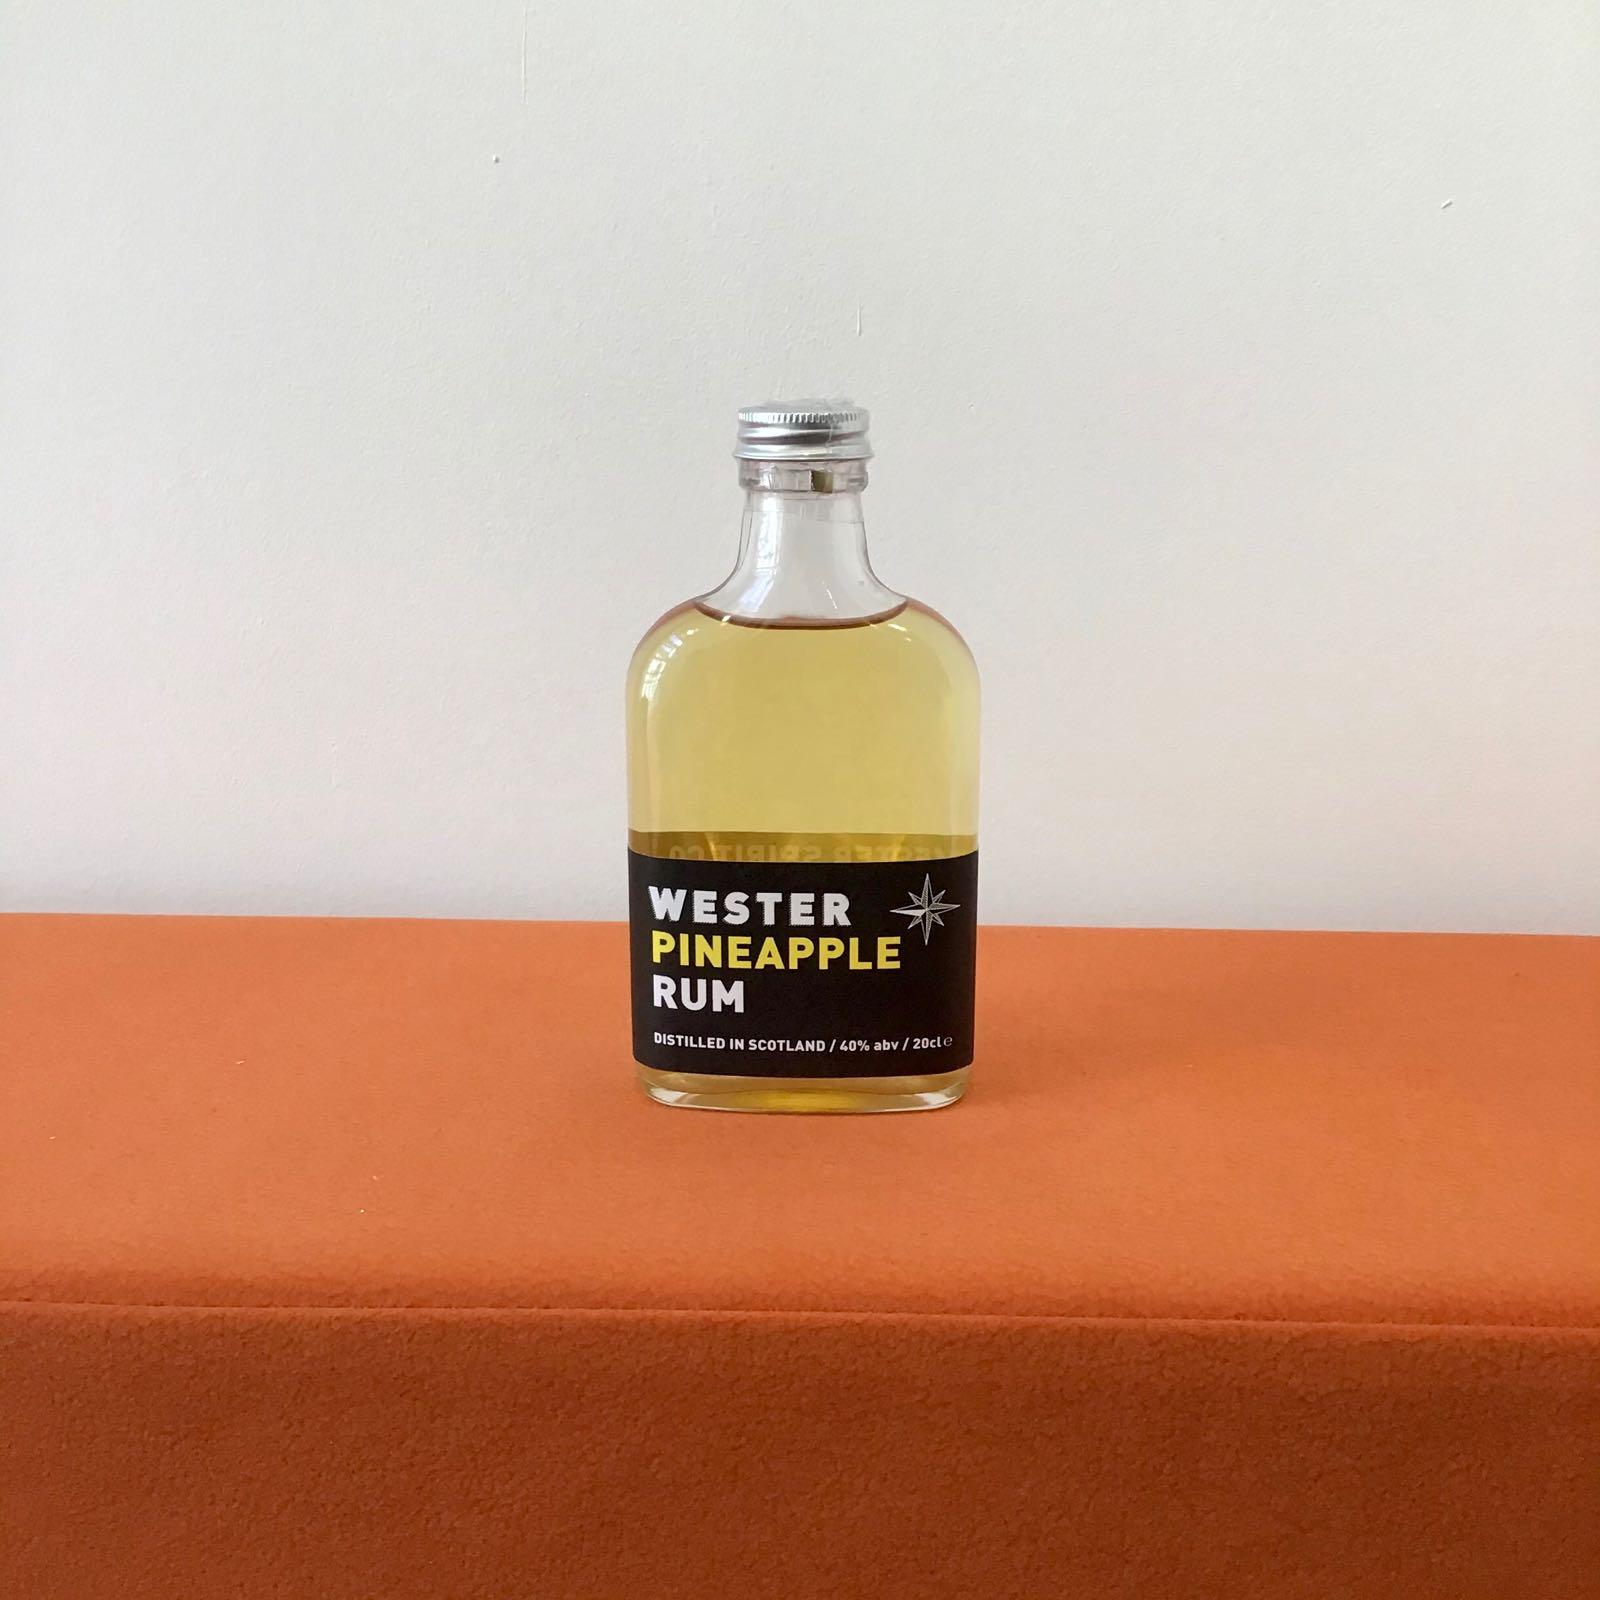 Wester Pineapple Rum